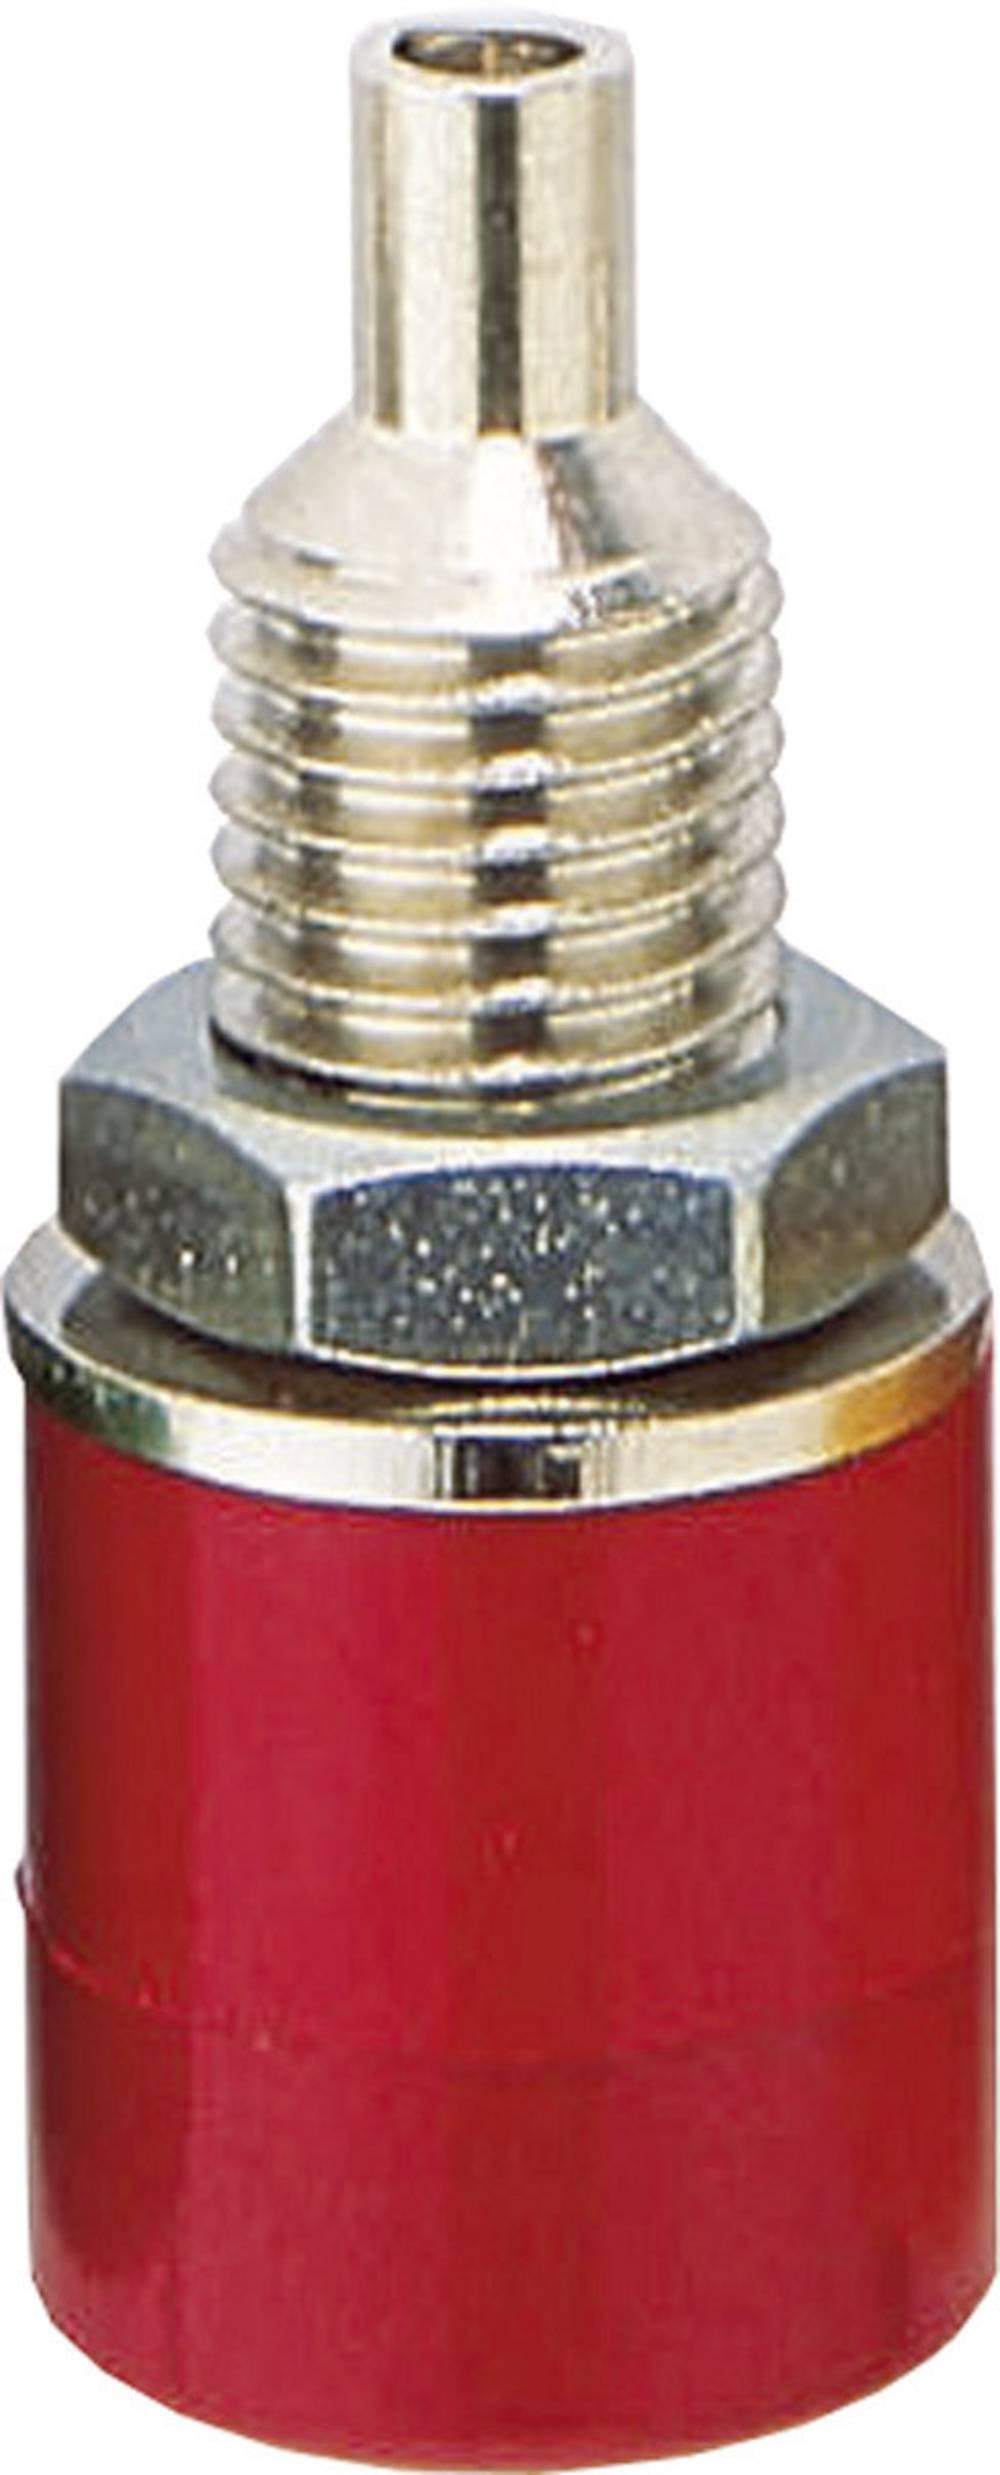 Laboratorietilslutning Tilslutning, indbygning lodret BKL Electronic 072306 4 mm Rød 1 stk